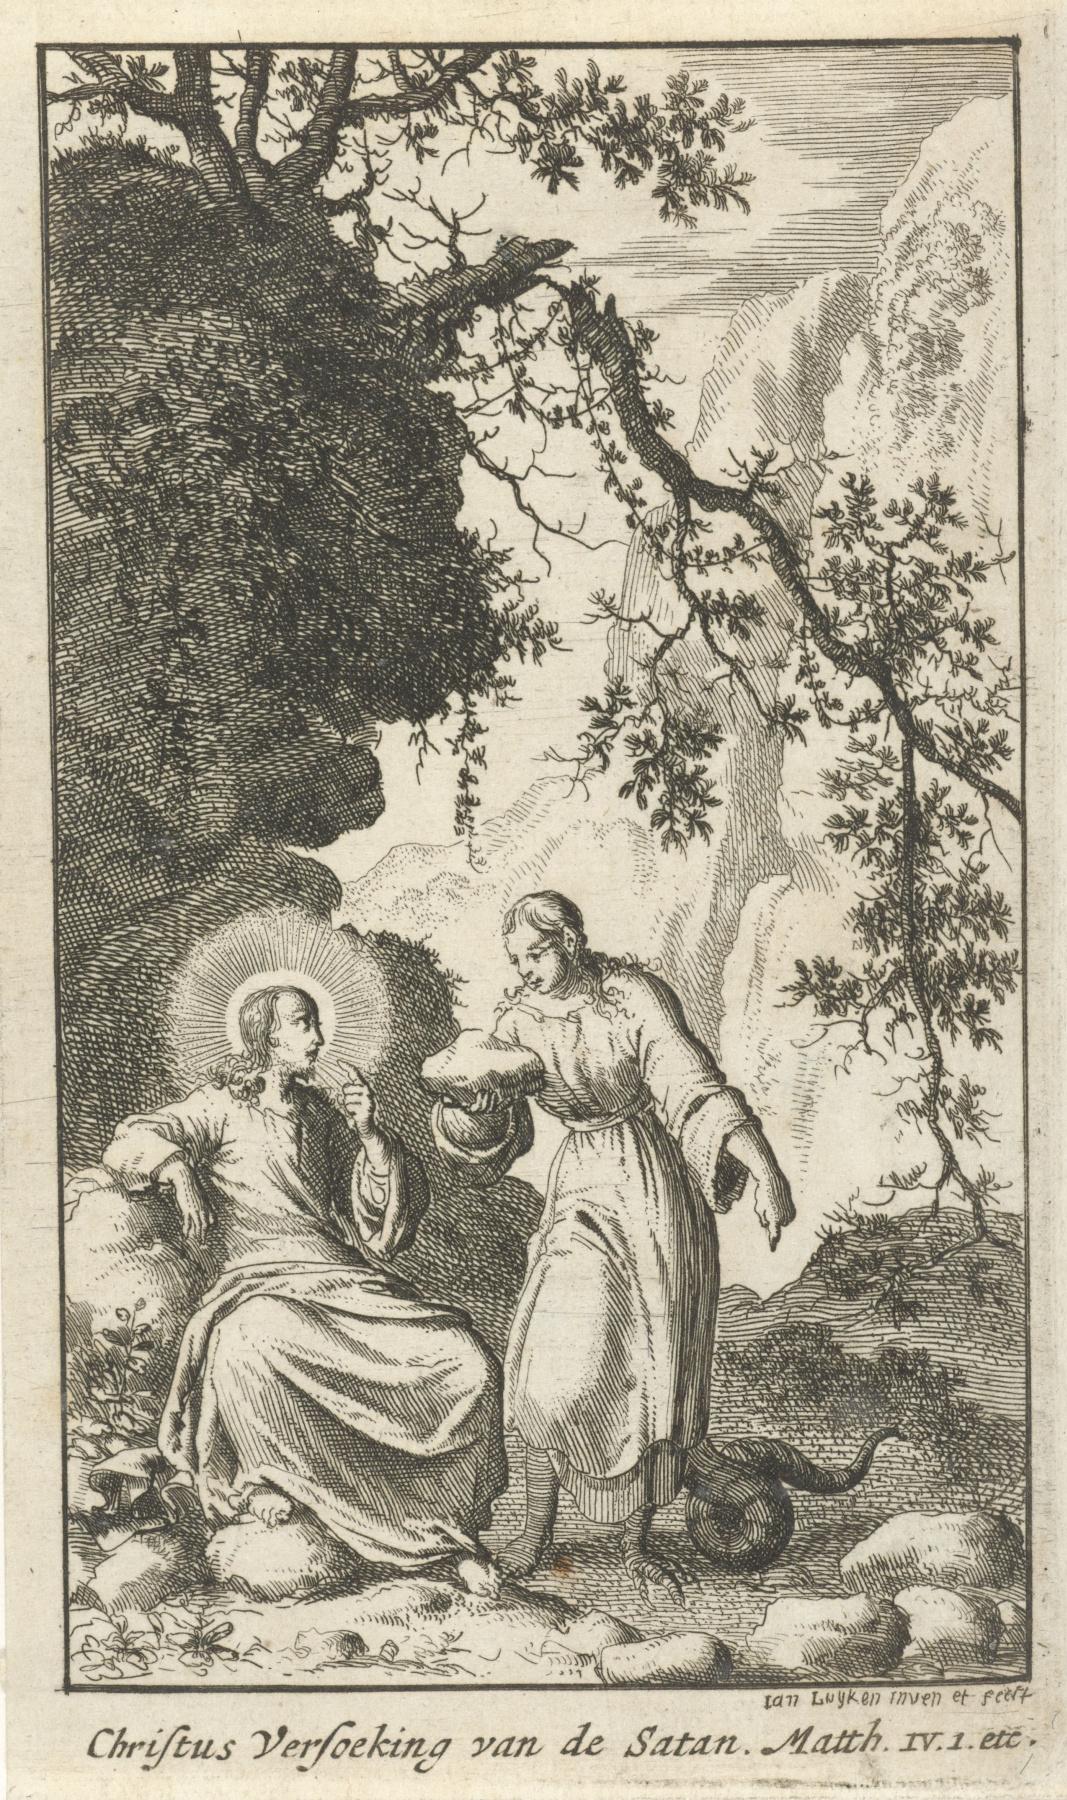 Jan Leuken. Temptation of christ